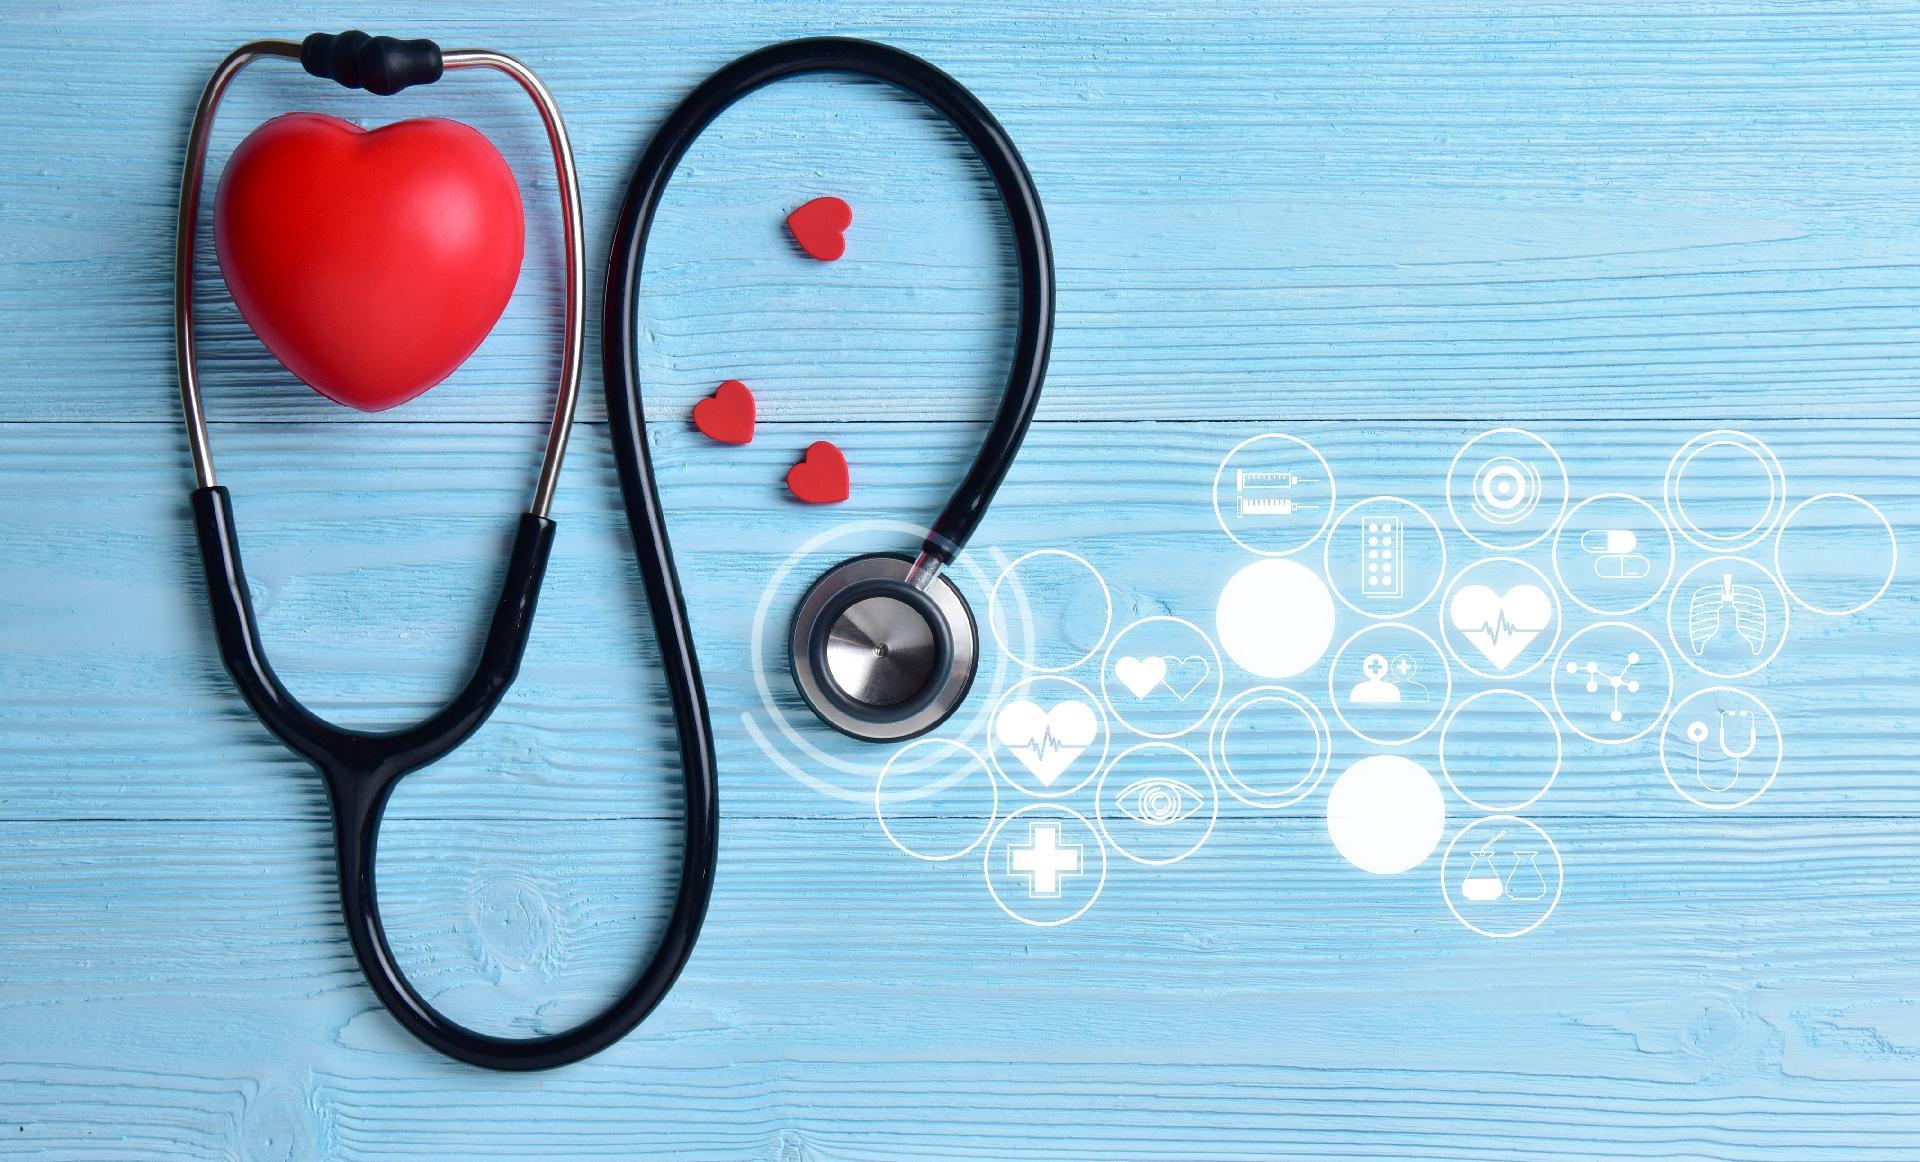 Governo Federal abre inscrições para projetos na área de emergência em saúde